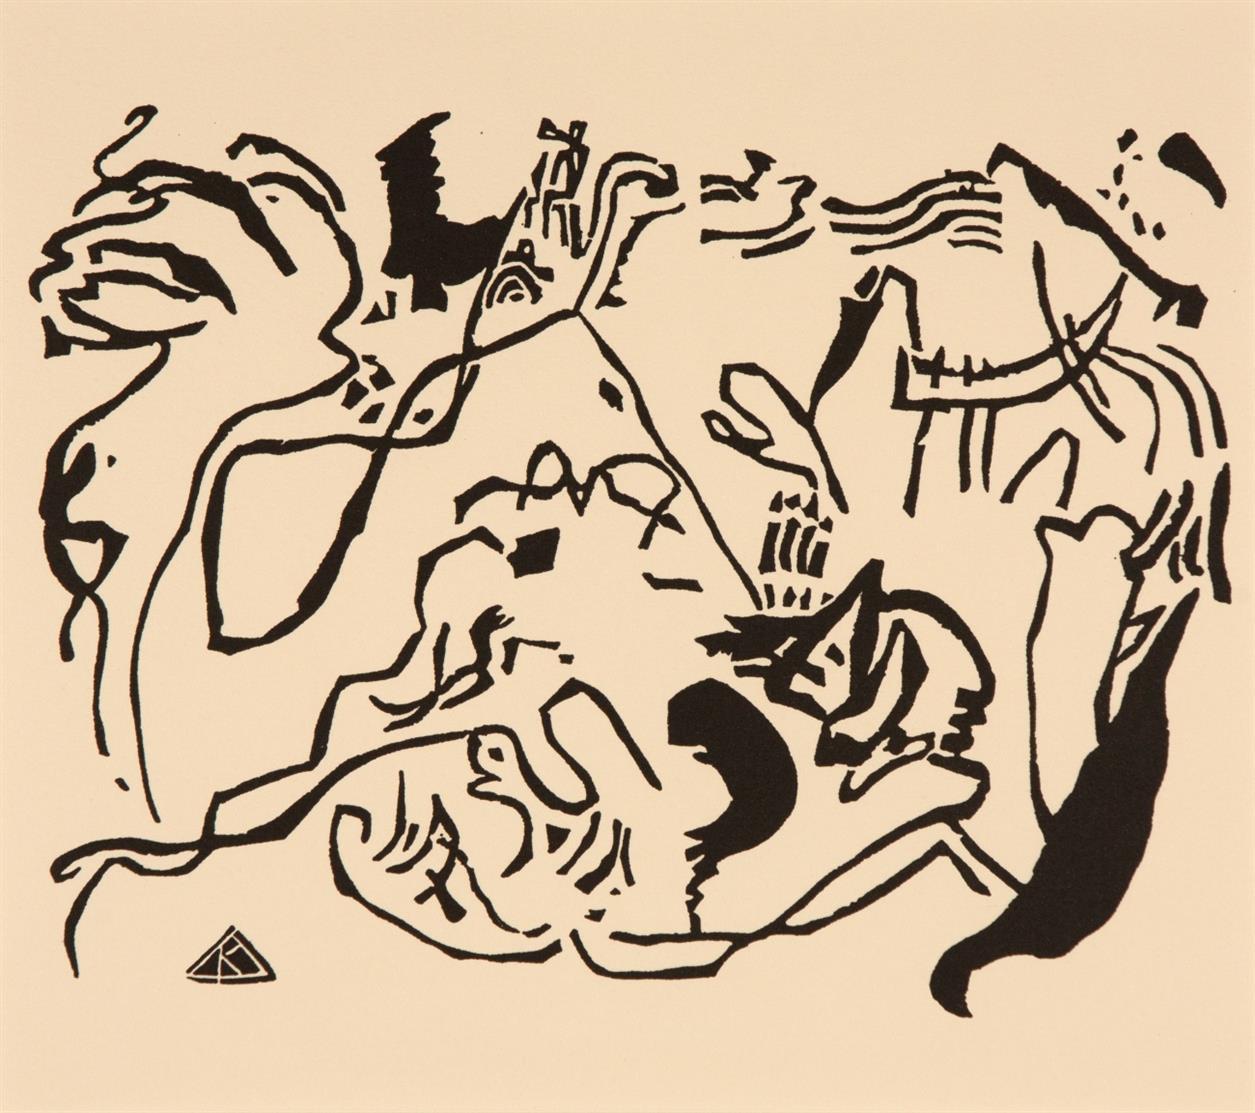 Wassily Kandinsky. Improvisation 7 / Allerheiligen / Große Auferstehung / Jüngster Tag. 4 Blatt Holzschnitte, davon 2 farbig. Posthume Neudrucke, zwischen 1951-75. 1 Blatt mit Atelierstempel.